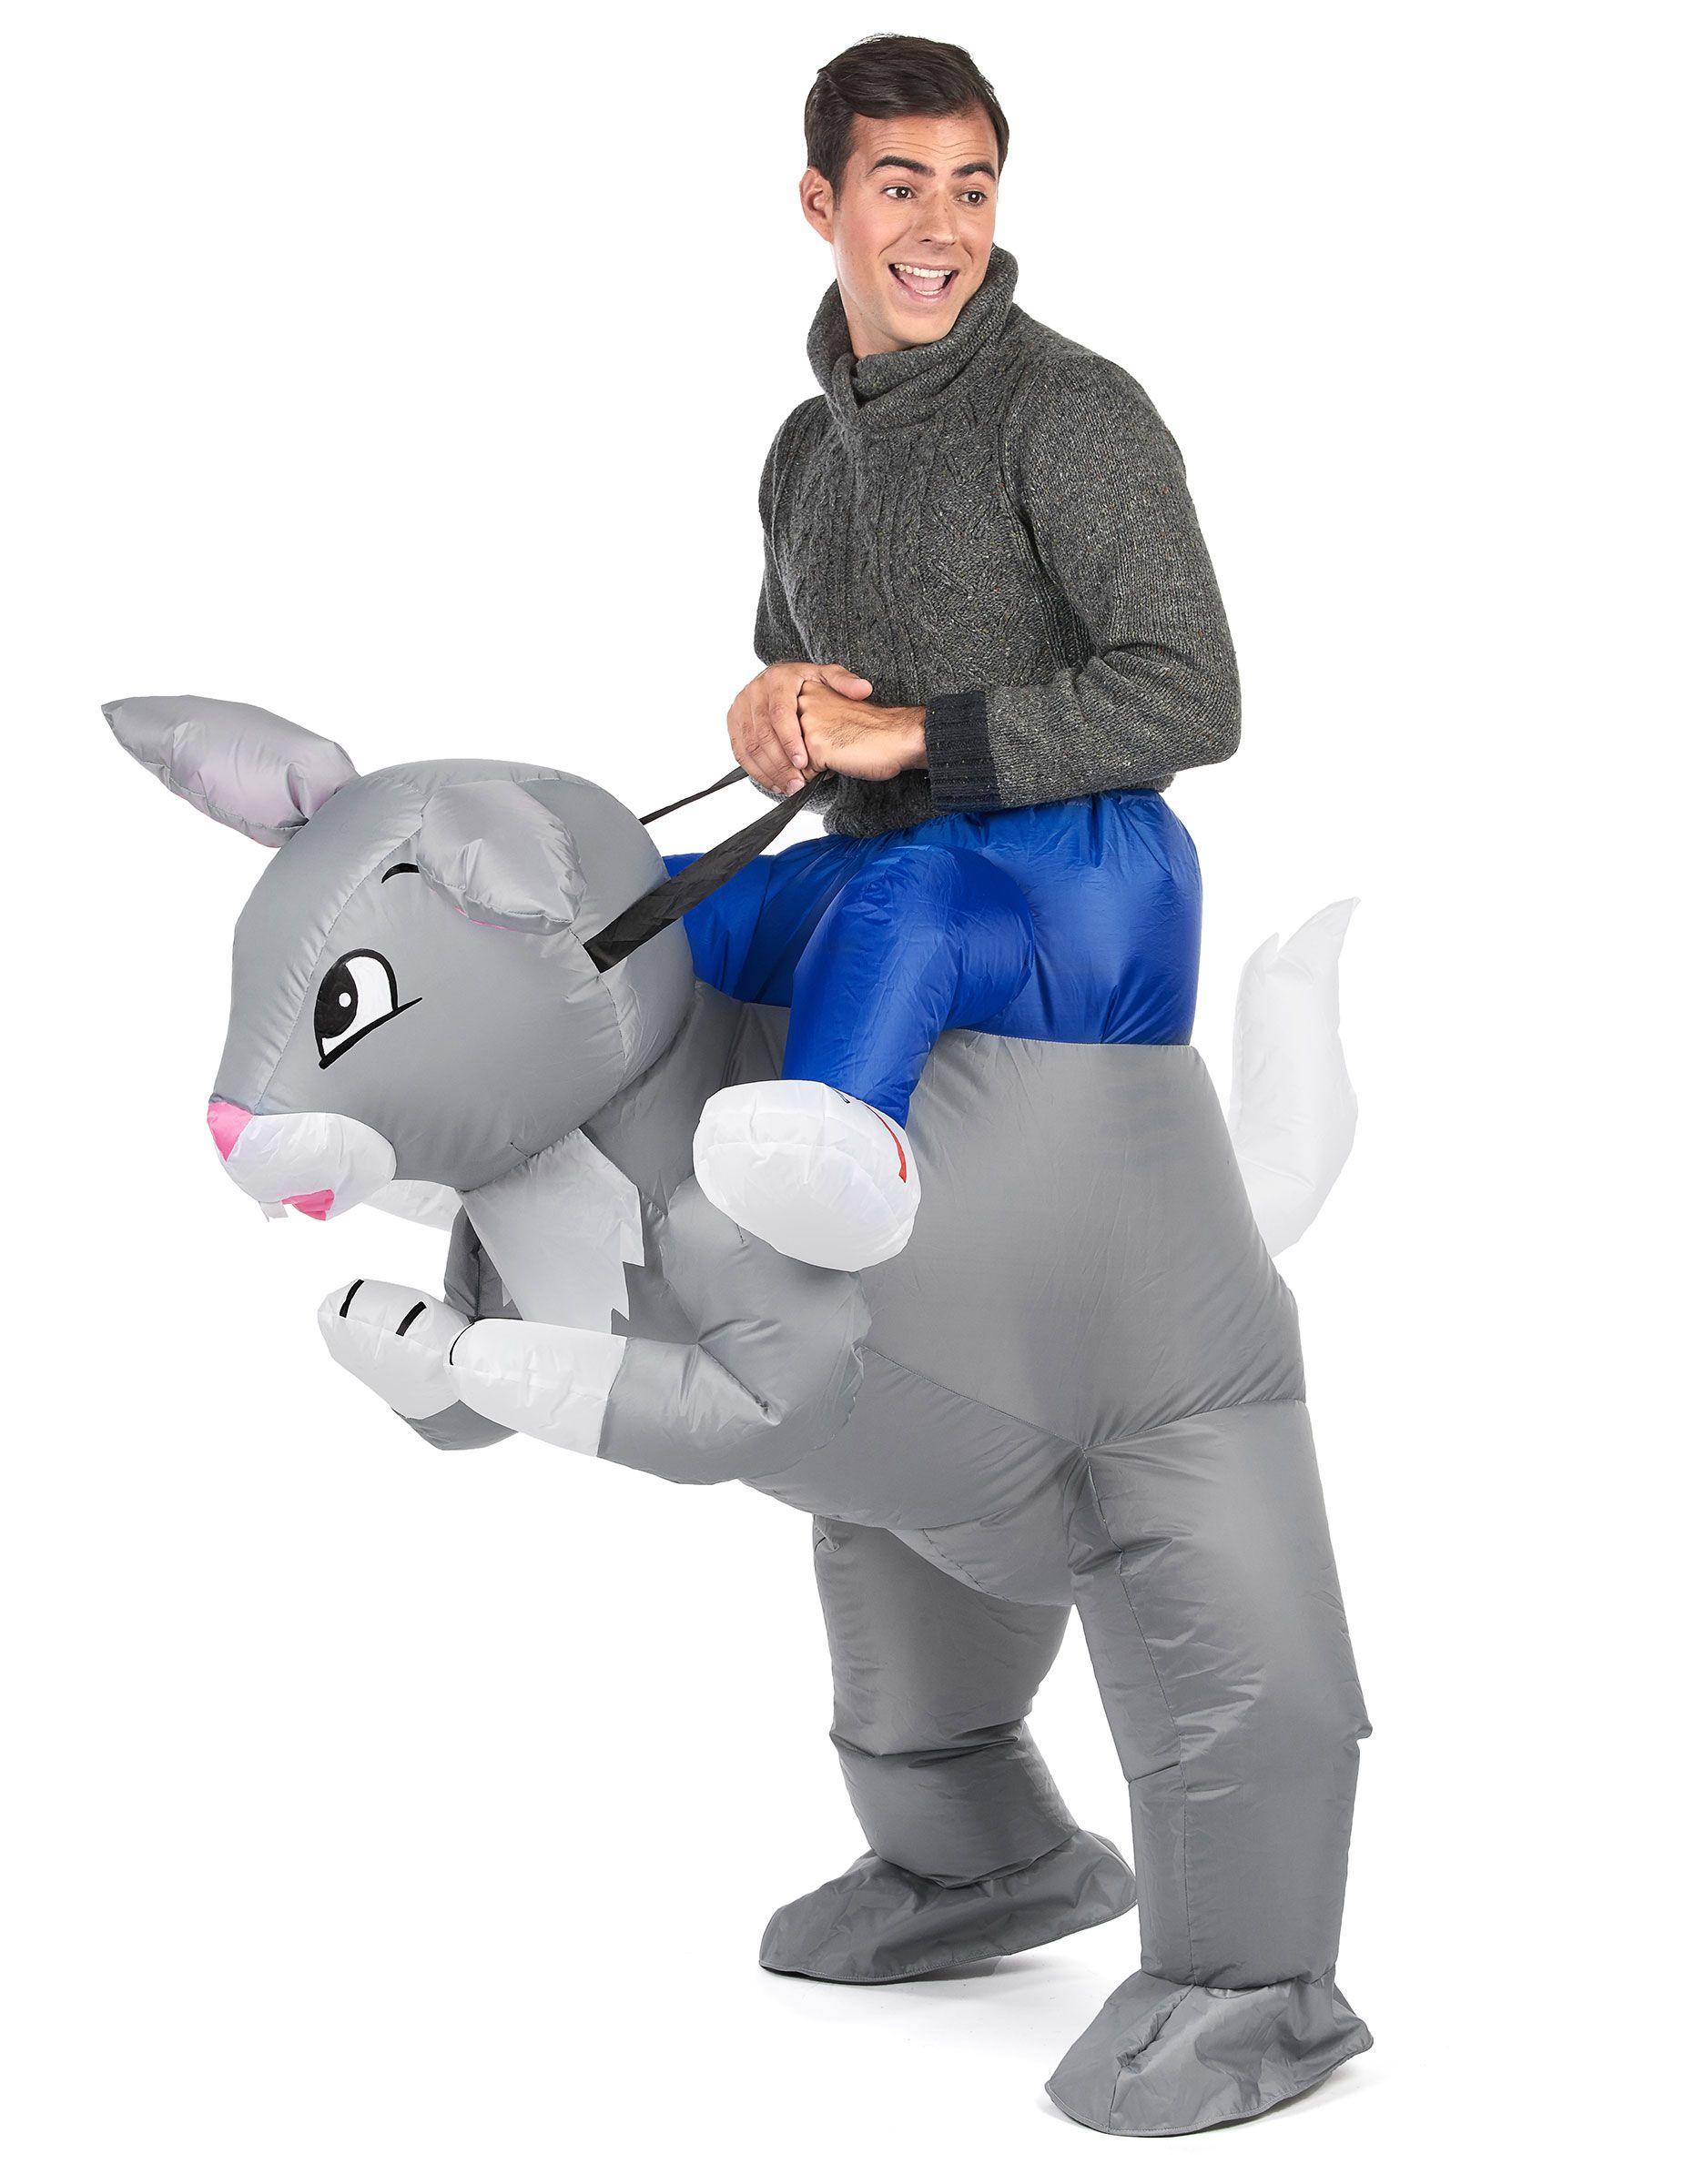 206c1ddf156d1a Déguisement lapin gonflable adulte   Ce déguisement pour adulte est celui  d un homme à dos de lapin. Ce costume s enfile à la manière d un pantalon  qui ...